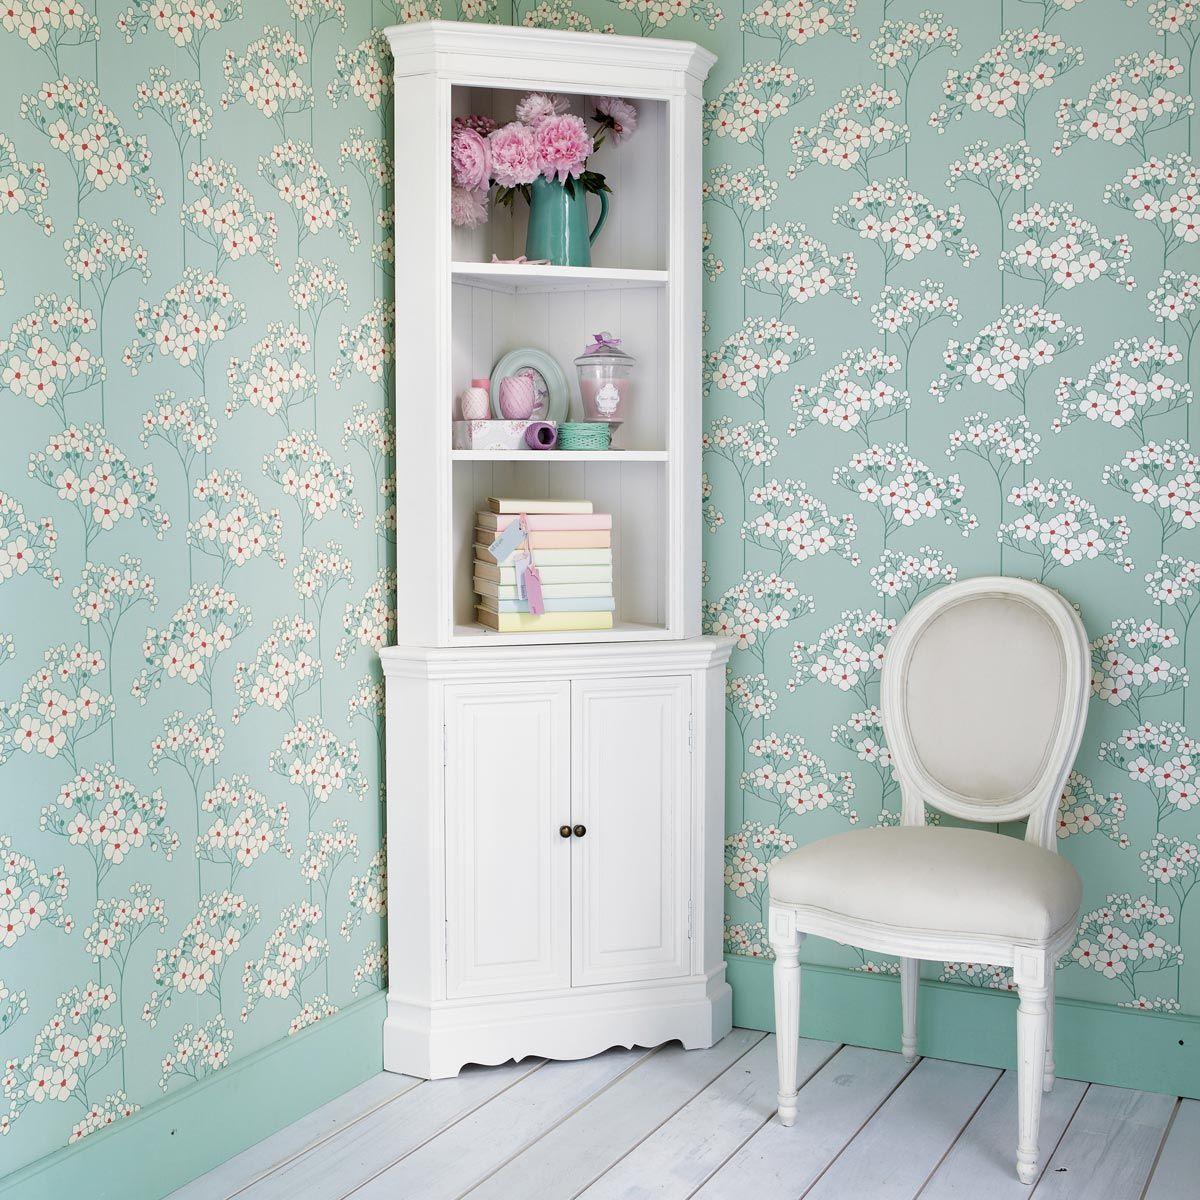 meuble dangle josphine sur maisons du monde dcouvrez tous les meubles et objets de dcoration pour la chambre de vos enfants ou de bb sur maisons du